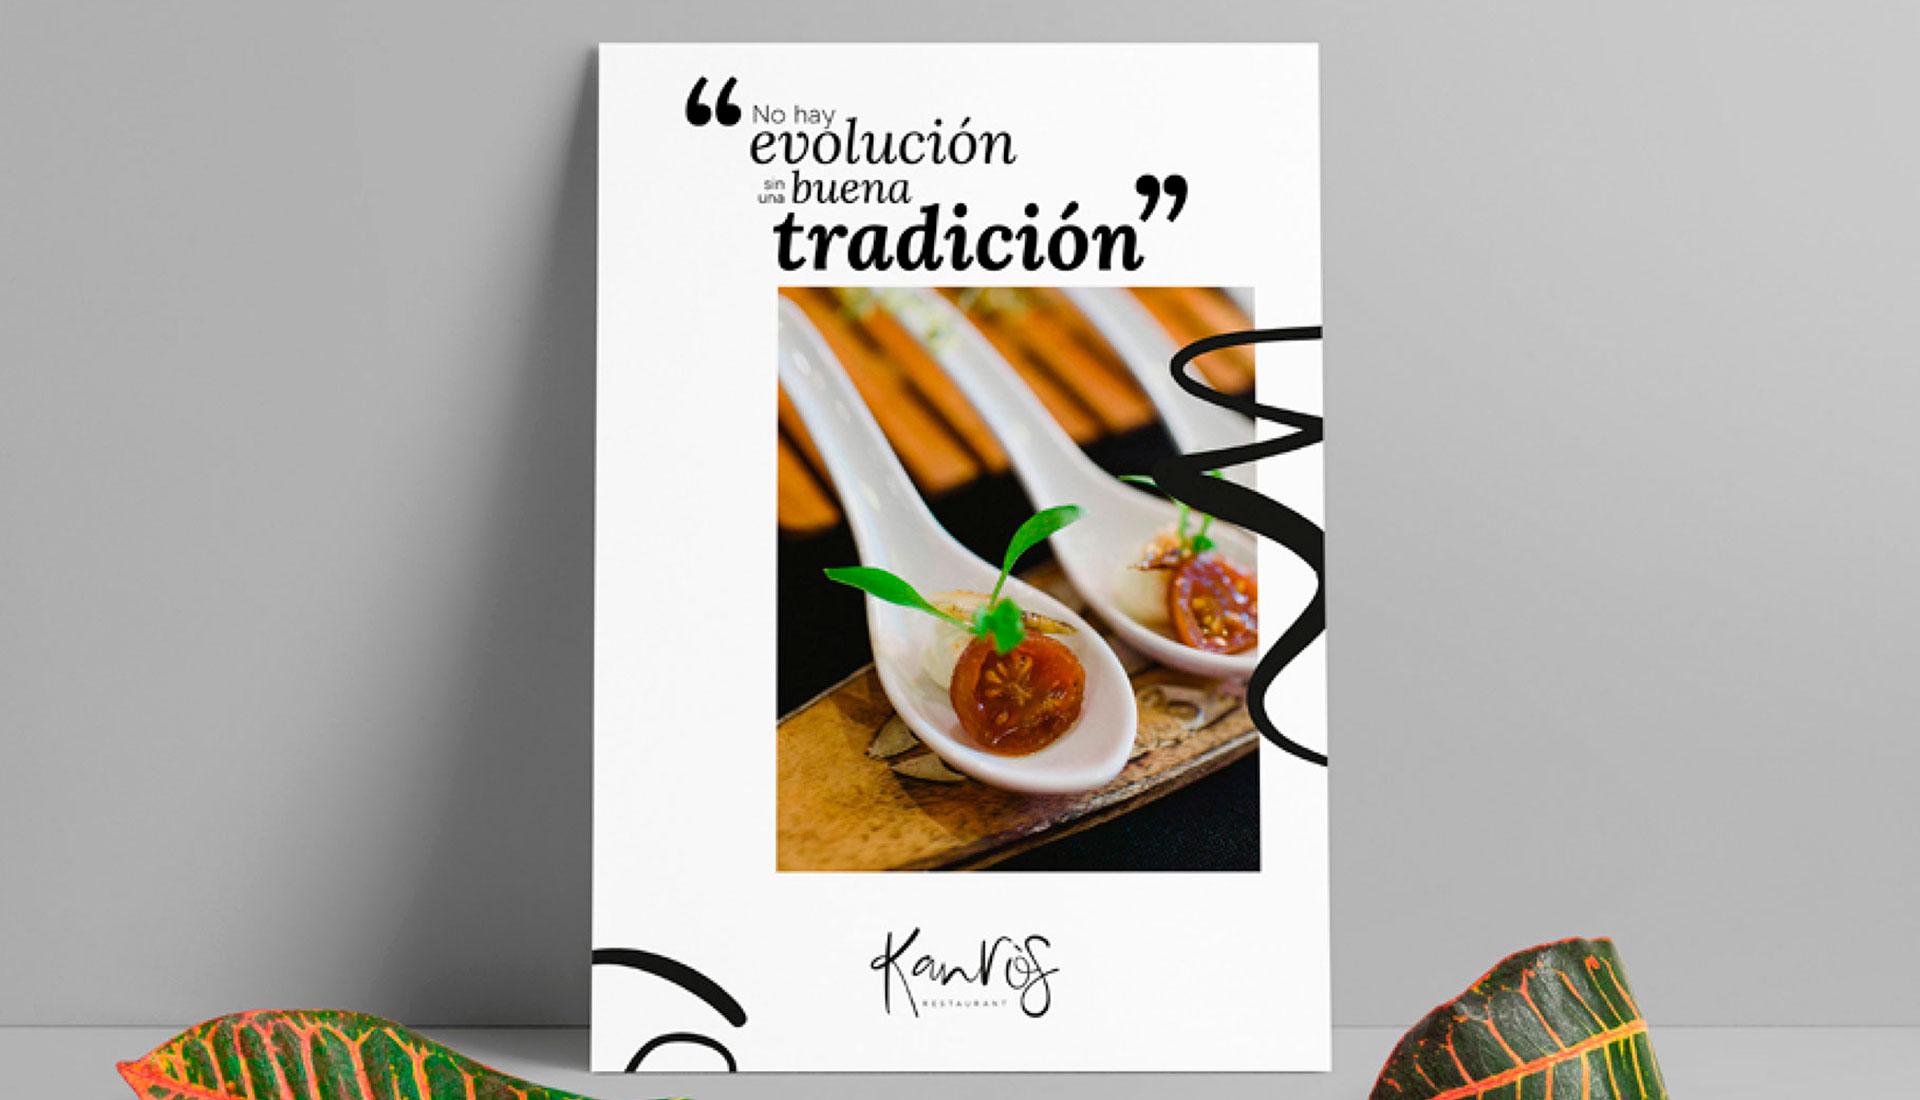 agencia-publicidad-pennywhort-marketing-identidad-corporativa-restaurante-valencia-11